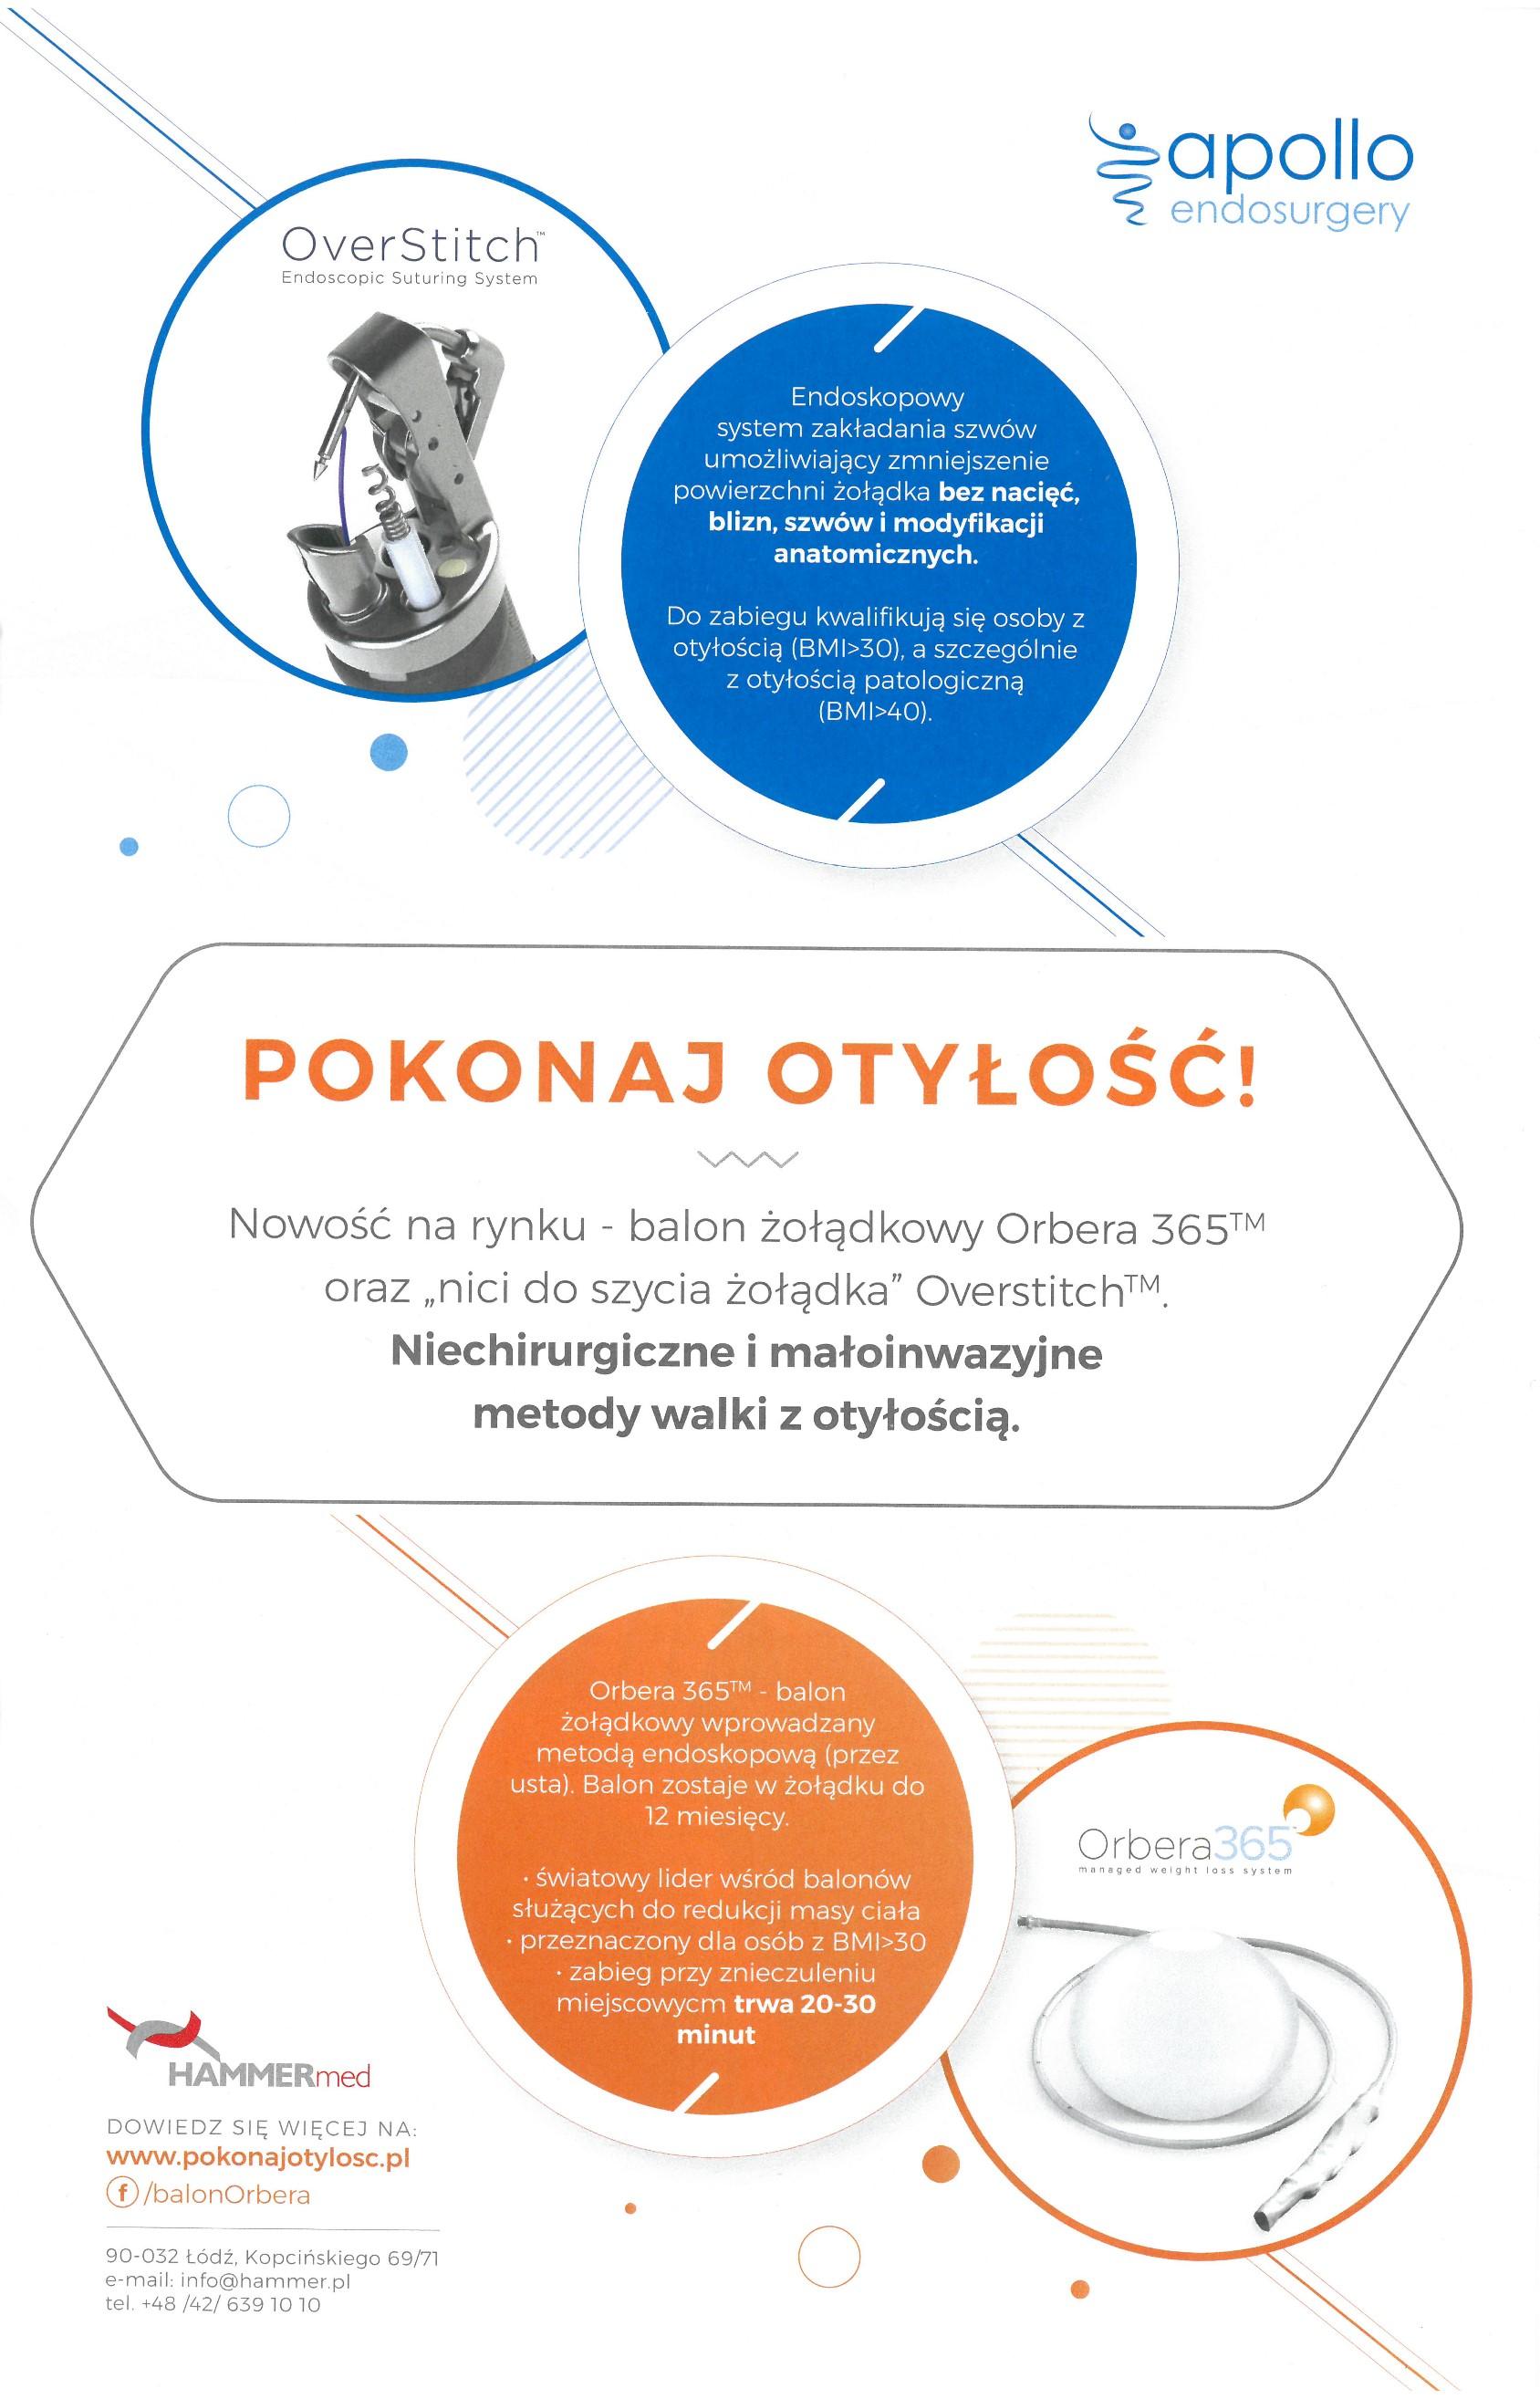 Innowacyjne i niechirurgiczne metody leczenia otyłości (OverStitch i Balon Orbera) - Newsweek Beauty